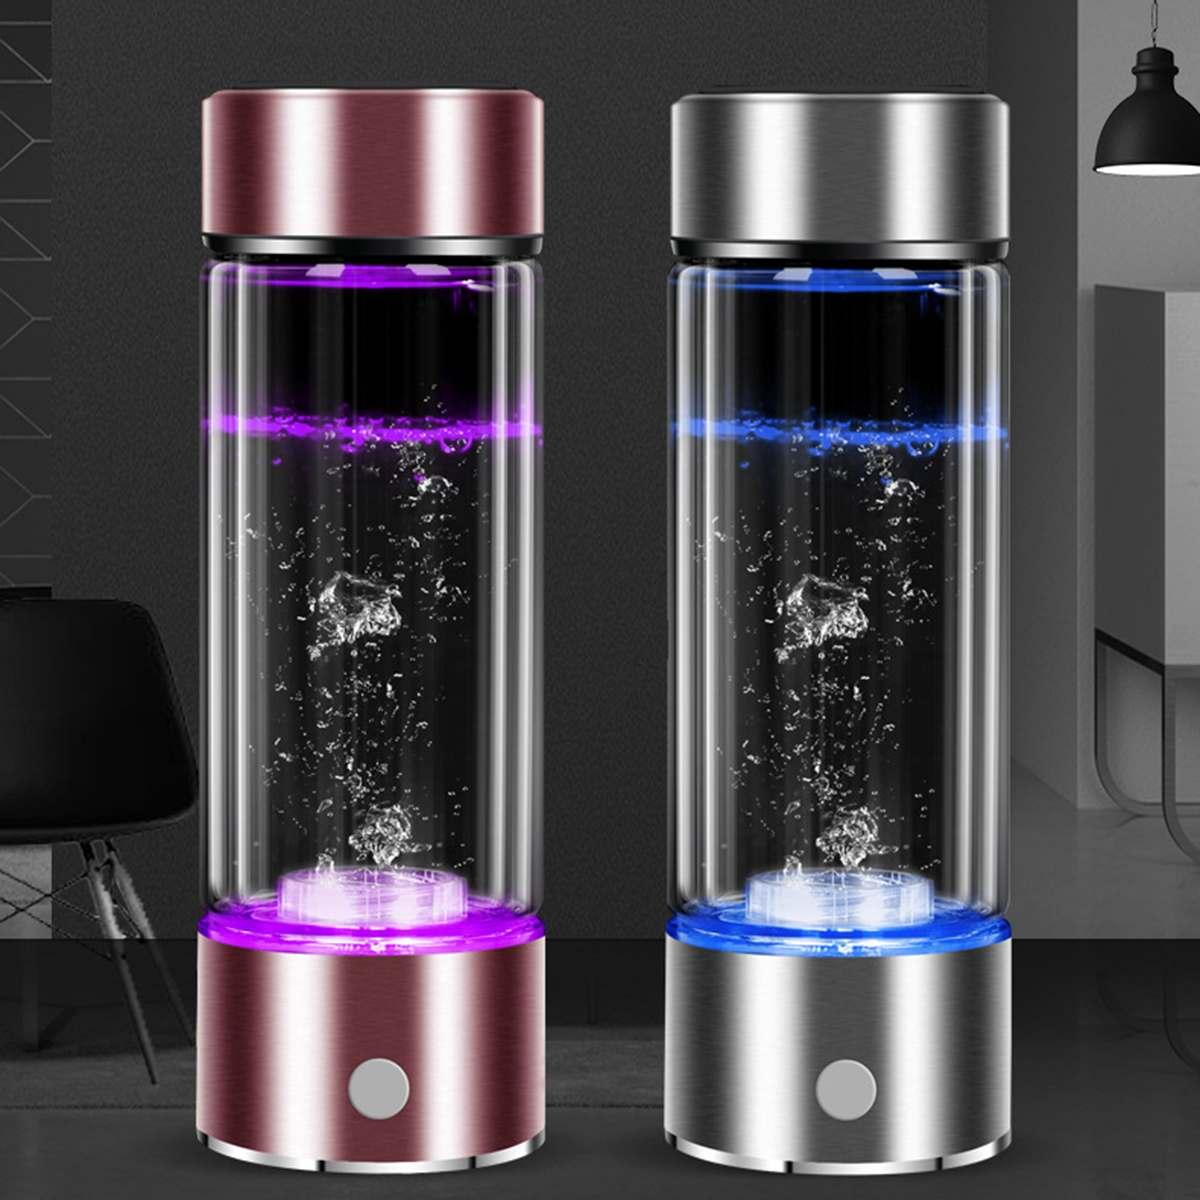 SPE-PEM-Rich-Hydrogen-Cup-Water-Generator-Energy-Hydrogen-rich-Alkaline-Water-Ionizer-Bottle-LED-Portable.jpg